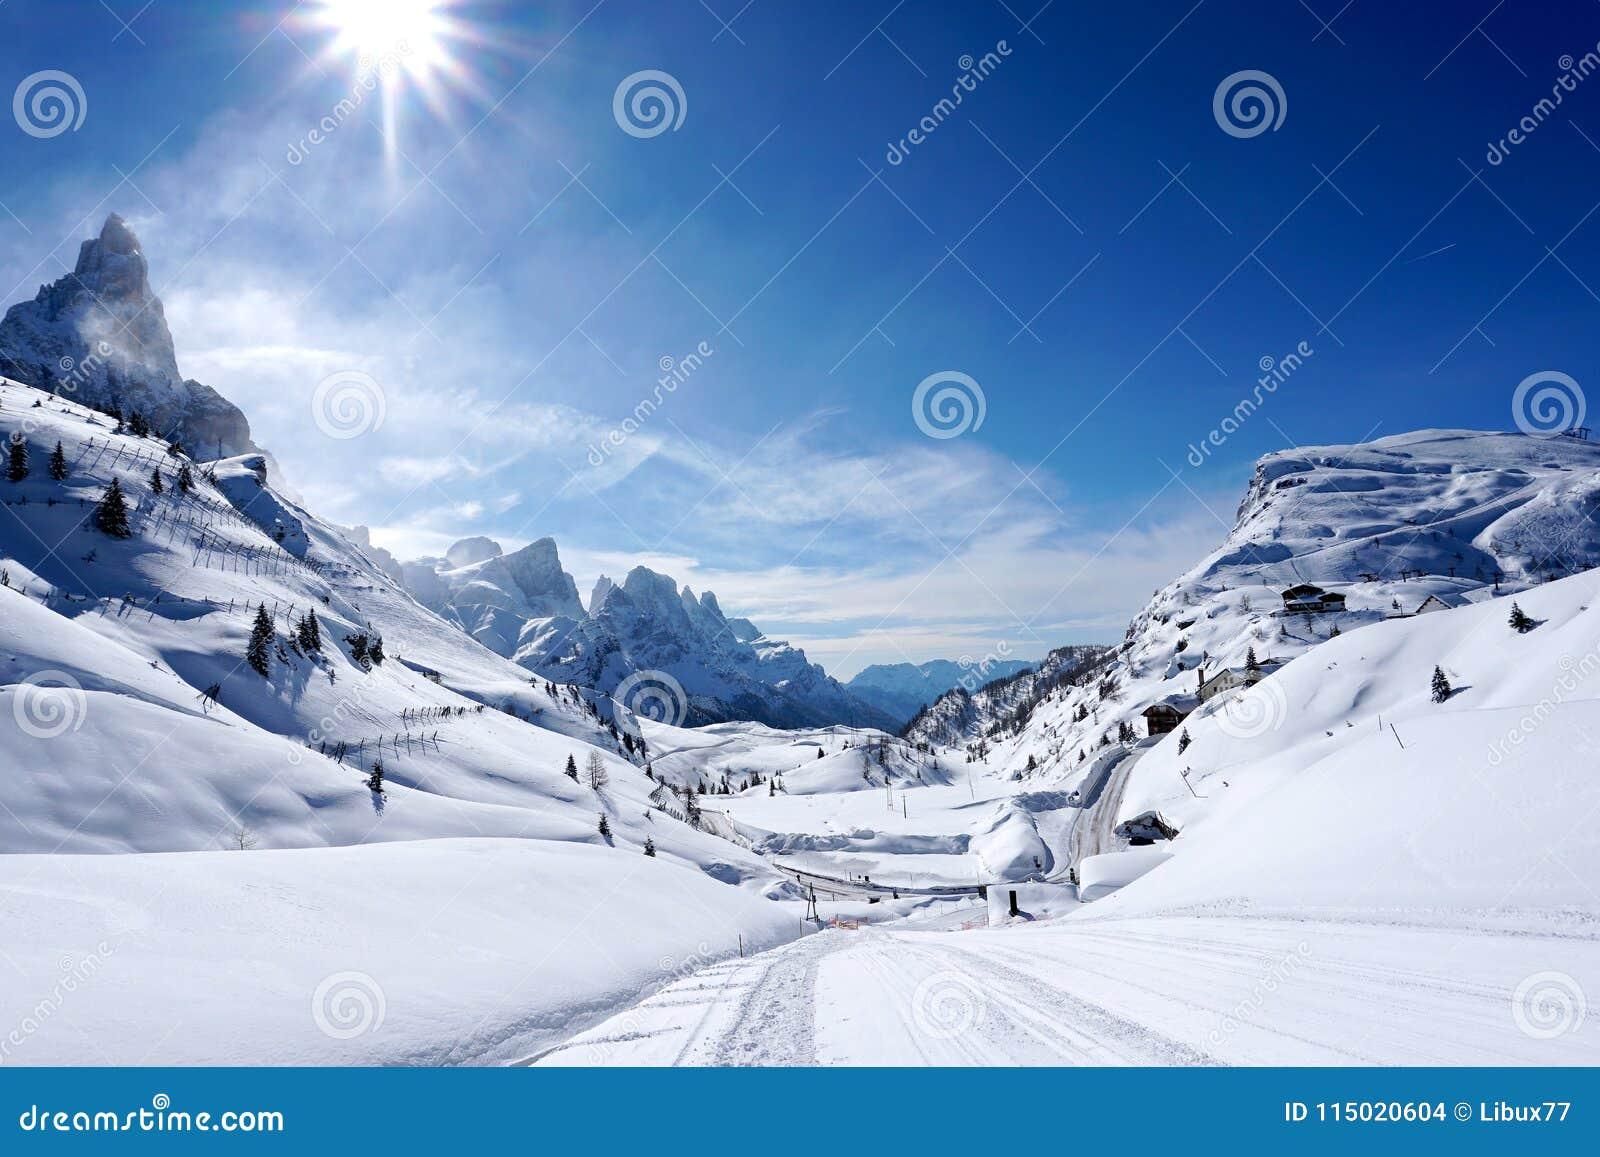 雪山风景晴天